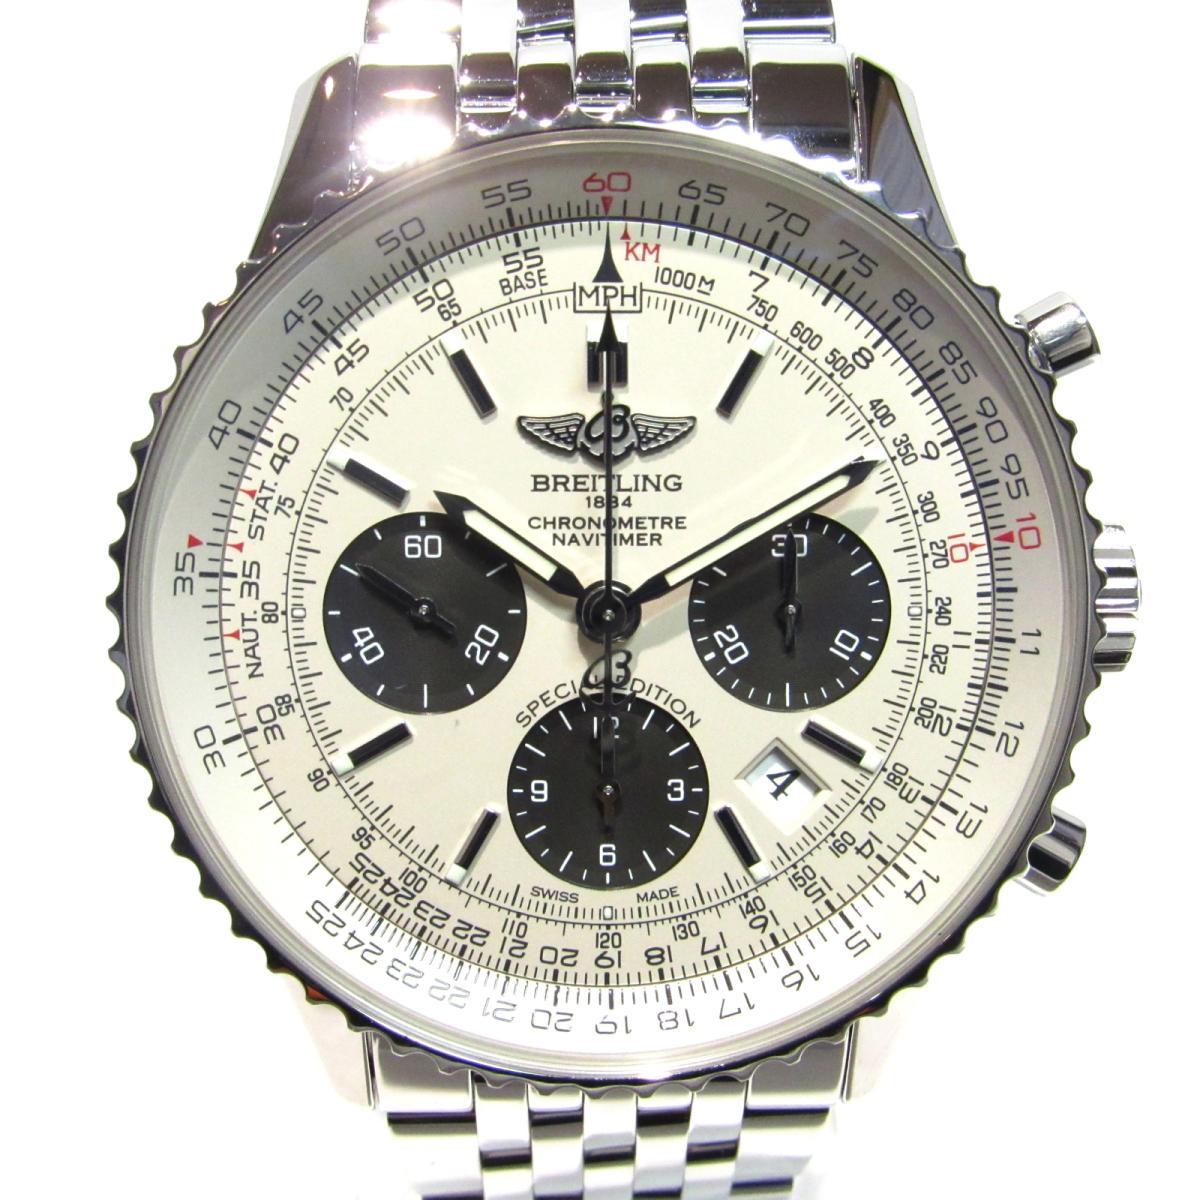 【中古】 ブライトリング ナビタイマー01シルバーグレー 腕時計 ウォッチ メンズ ステンレススチール (SS) シルバー x グレー (AB012012/G826) | BREITLING BRANDOFF ブランドオフ ブランド ブランド時計 ブランド腕時計 時計